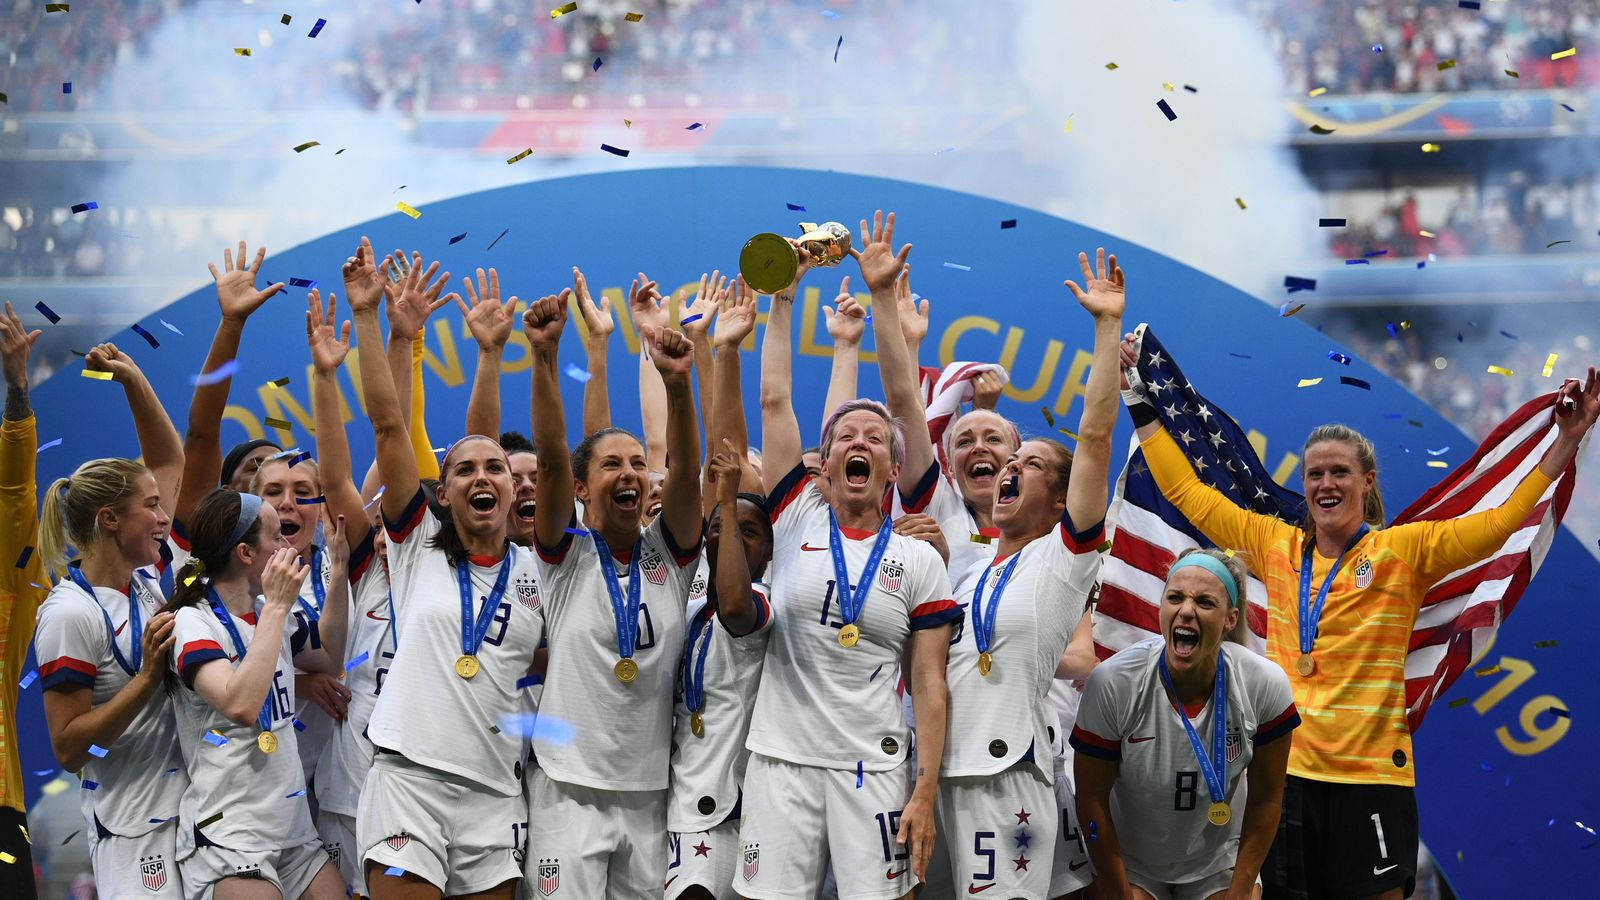 აშშ ქალთა ფეხბურთში მსოფლიო ჩემპიონია - შტატების ისტორიული ტრიუმფი საფრანგეთში